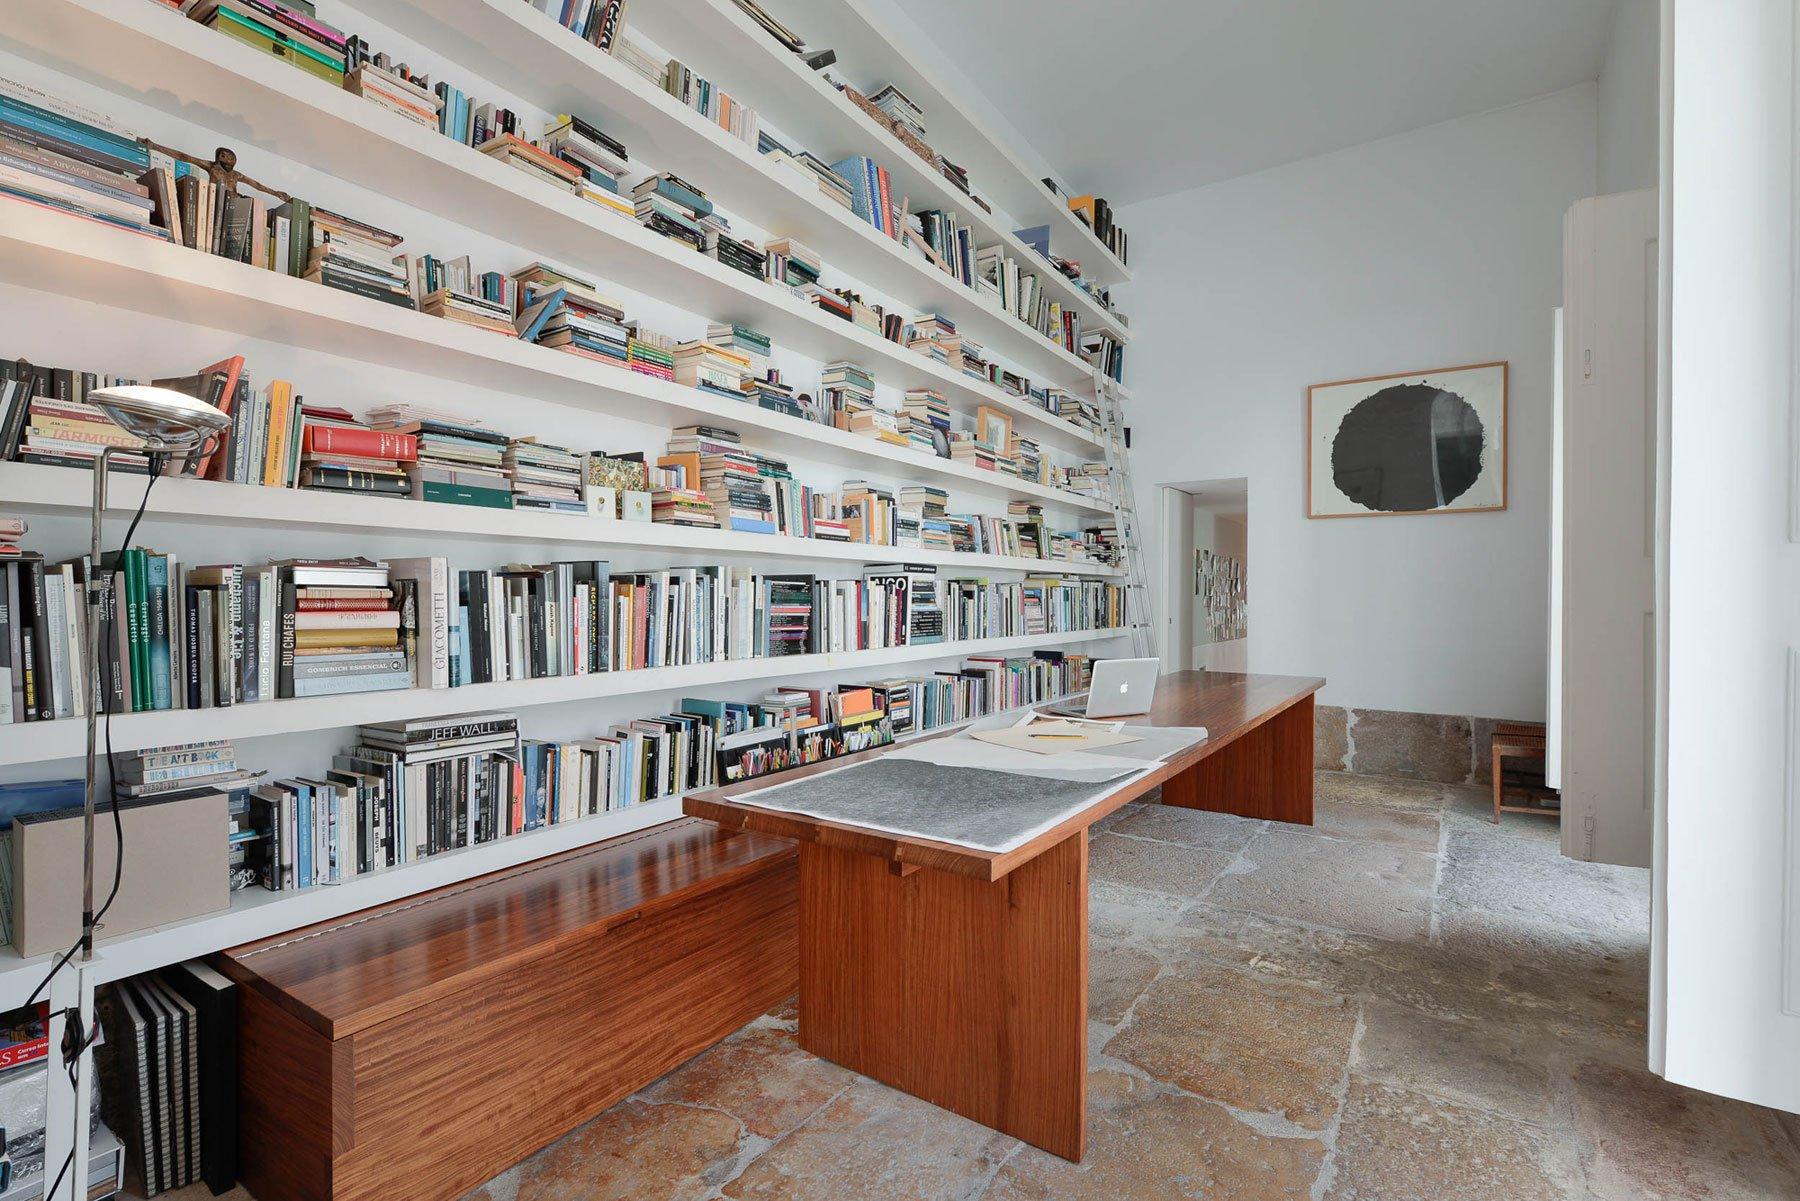 Casa-na-Rua-de-Sao-Mamede-ao-Caldas-46